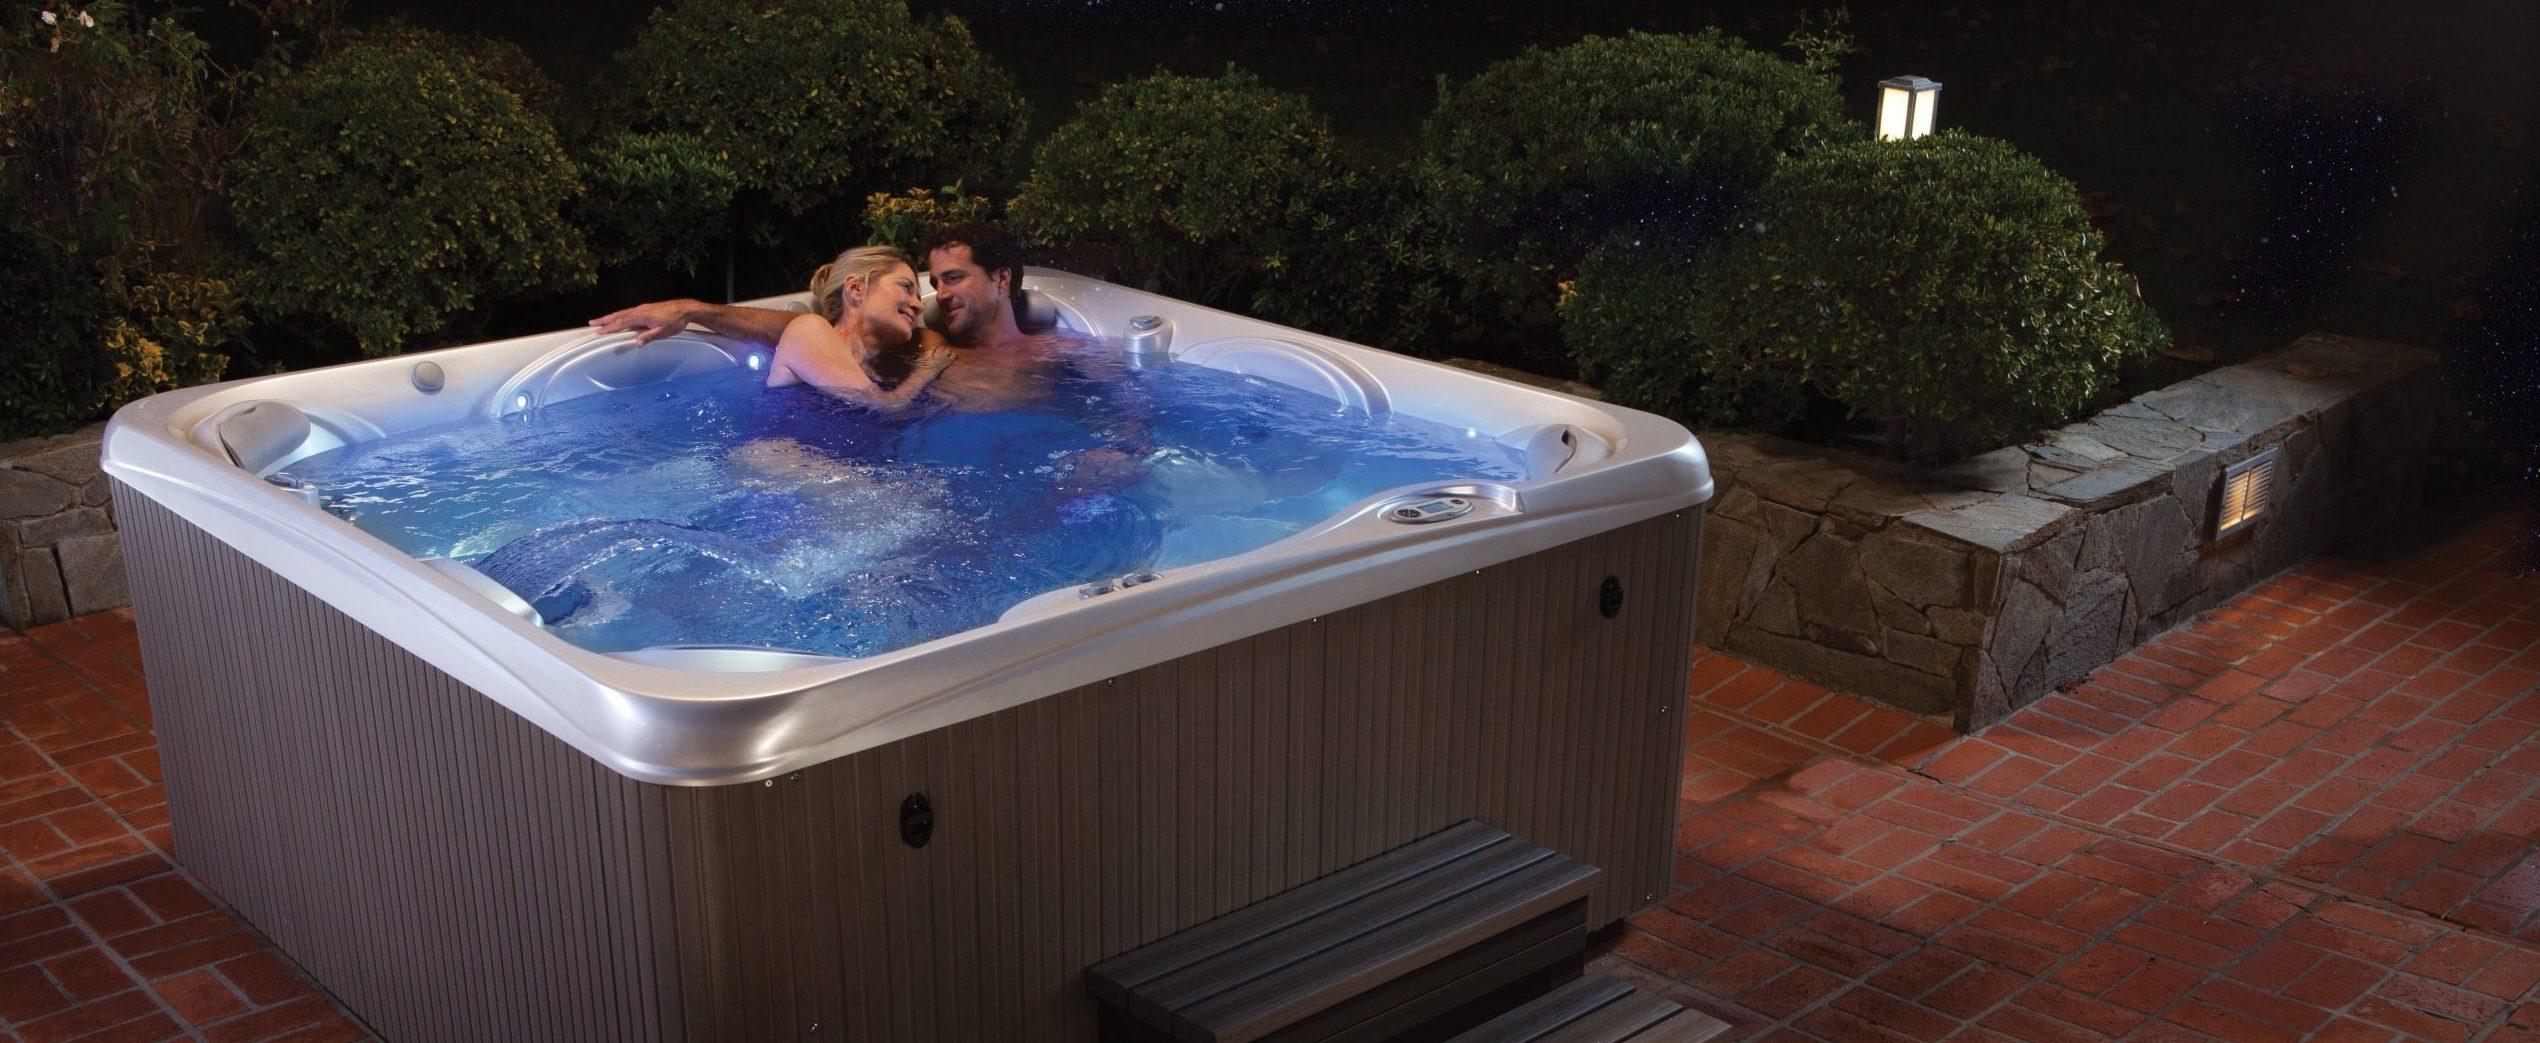 The Best Backyard Summer Date Night Ever!